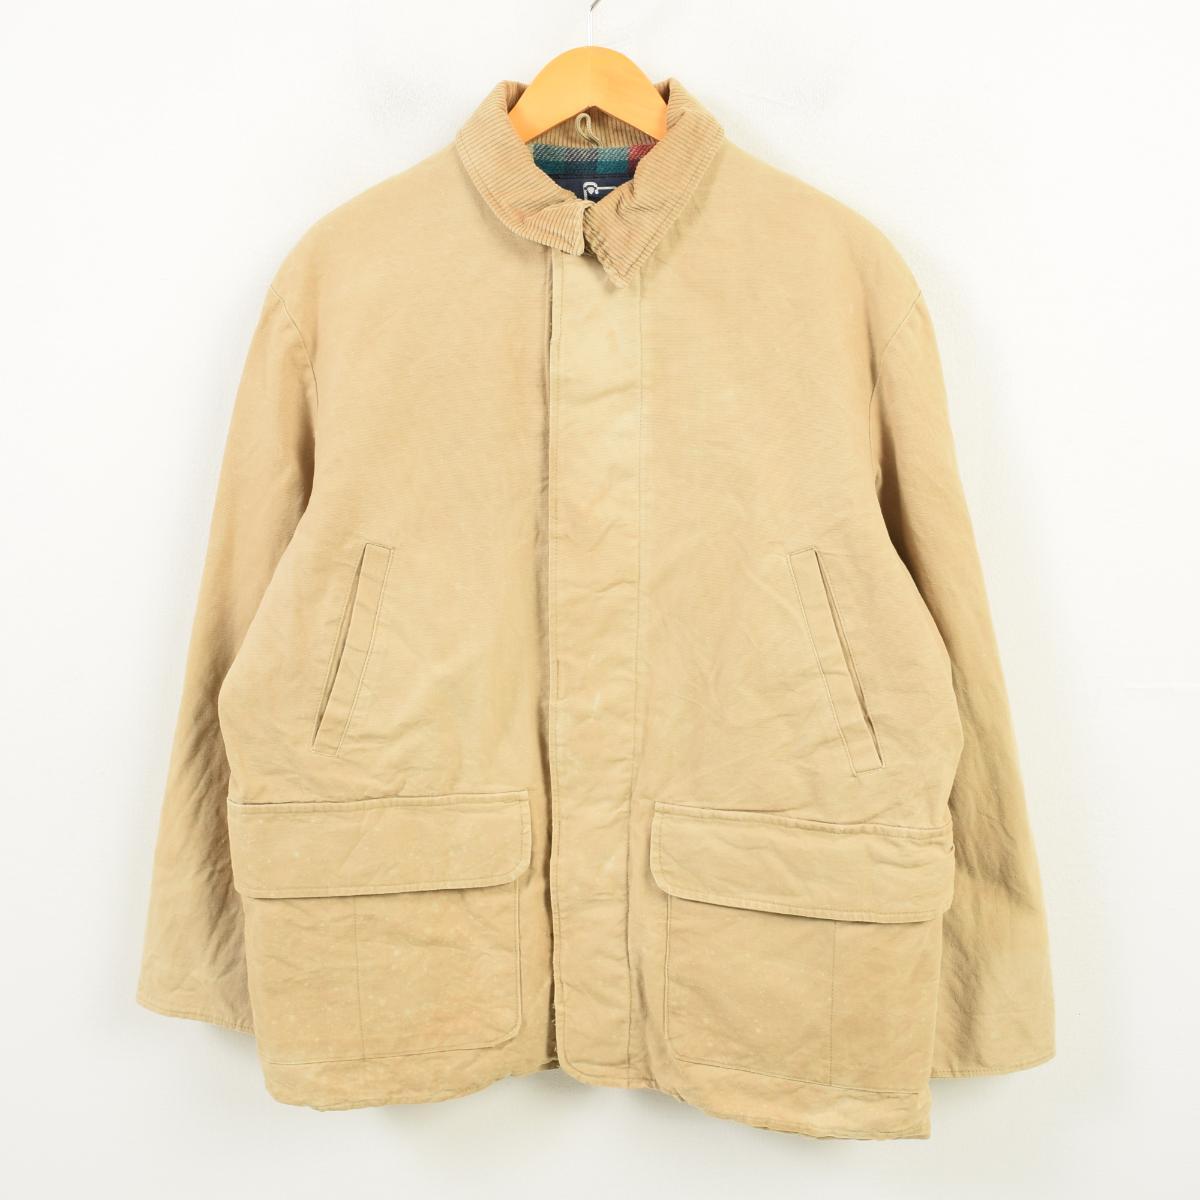 80年代 ウールリッチ WOOLRICH ハンティングジャケット USA製 メンズL ヴィンテージ /wax6762 【中古】 【180928】